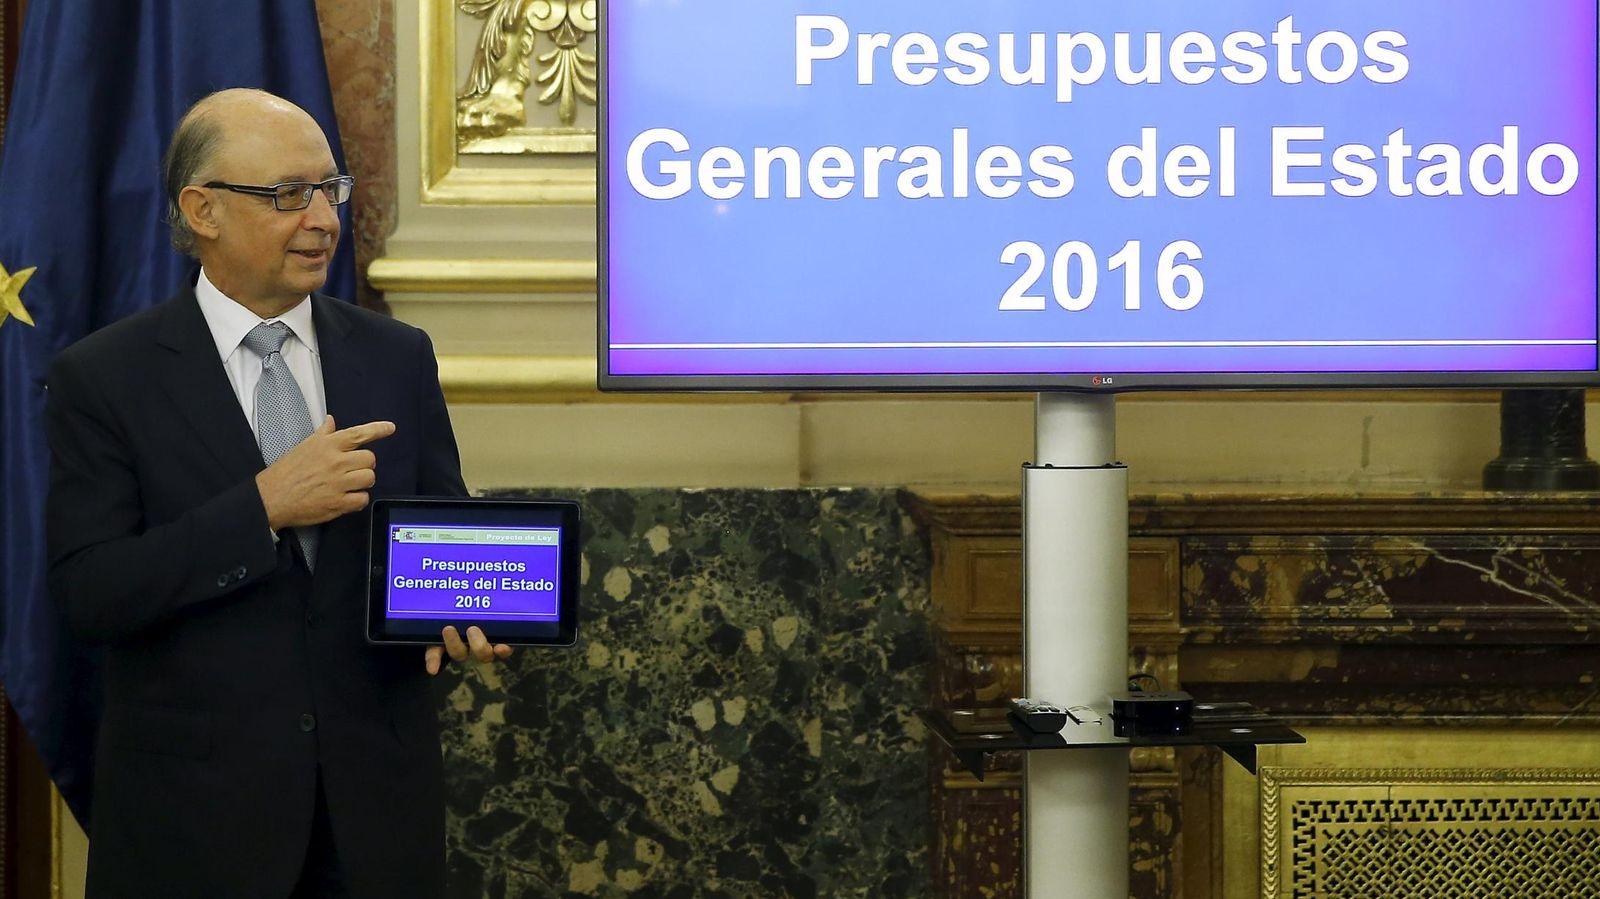 Foto: El ministro de Hacienda, Cristóbal Montoro, presenta los Presupuestos Generales del Estado 2016 (EFE)